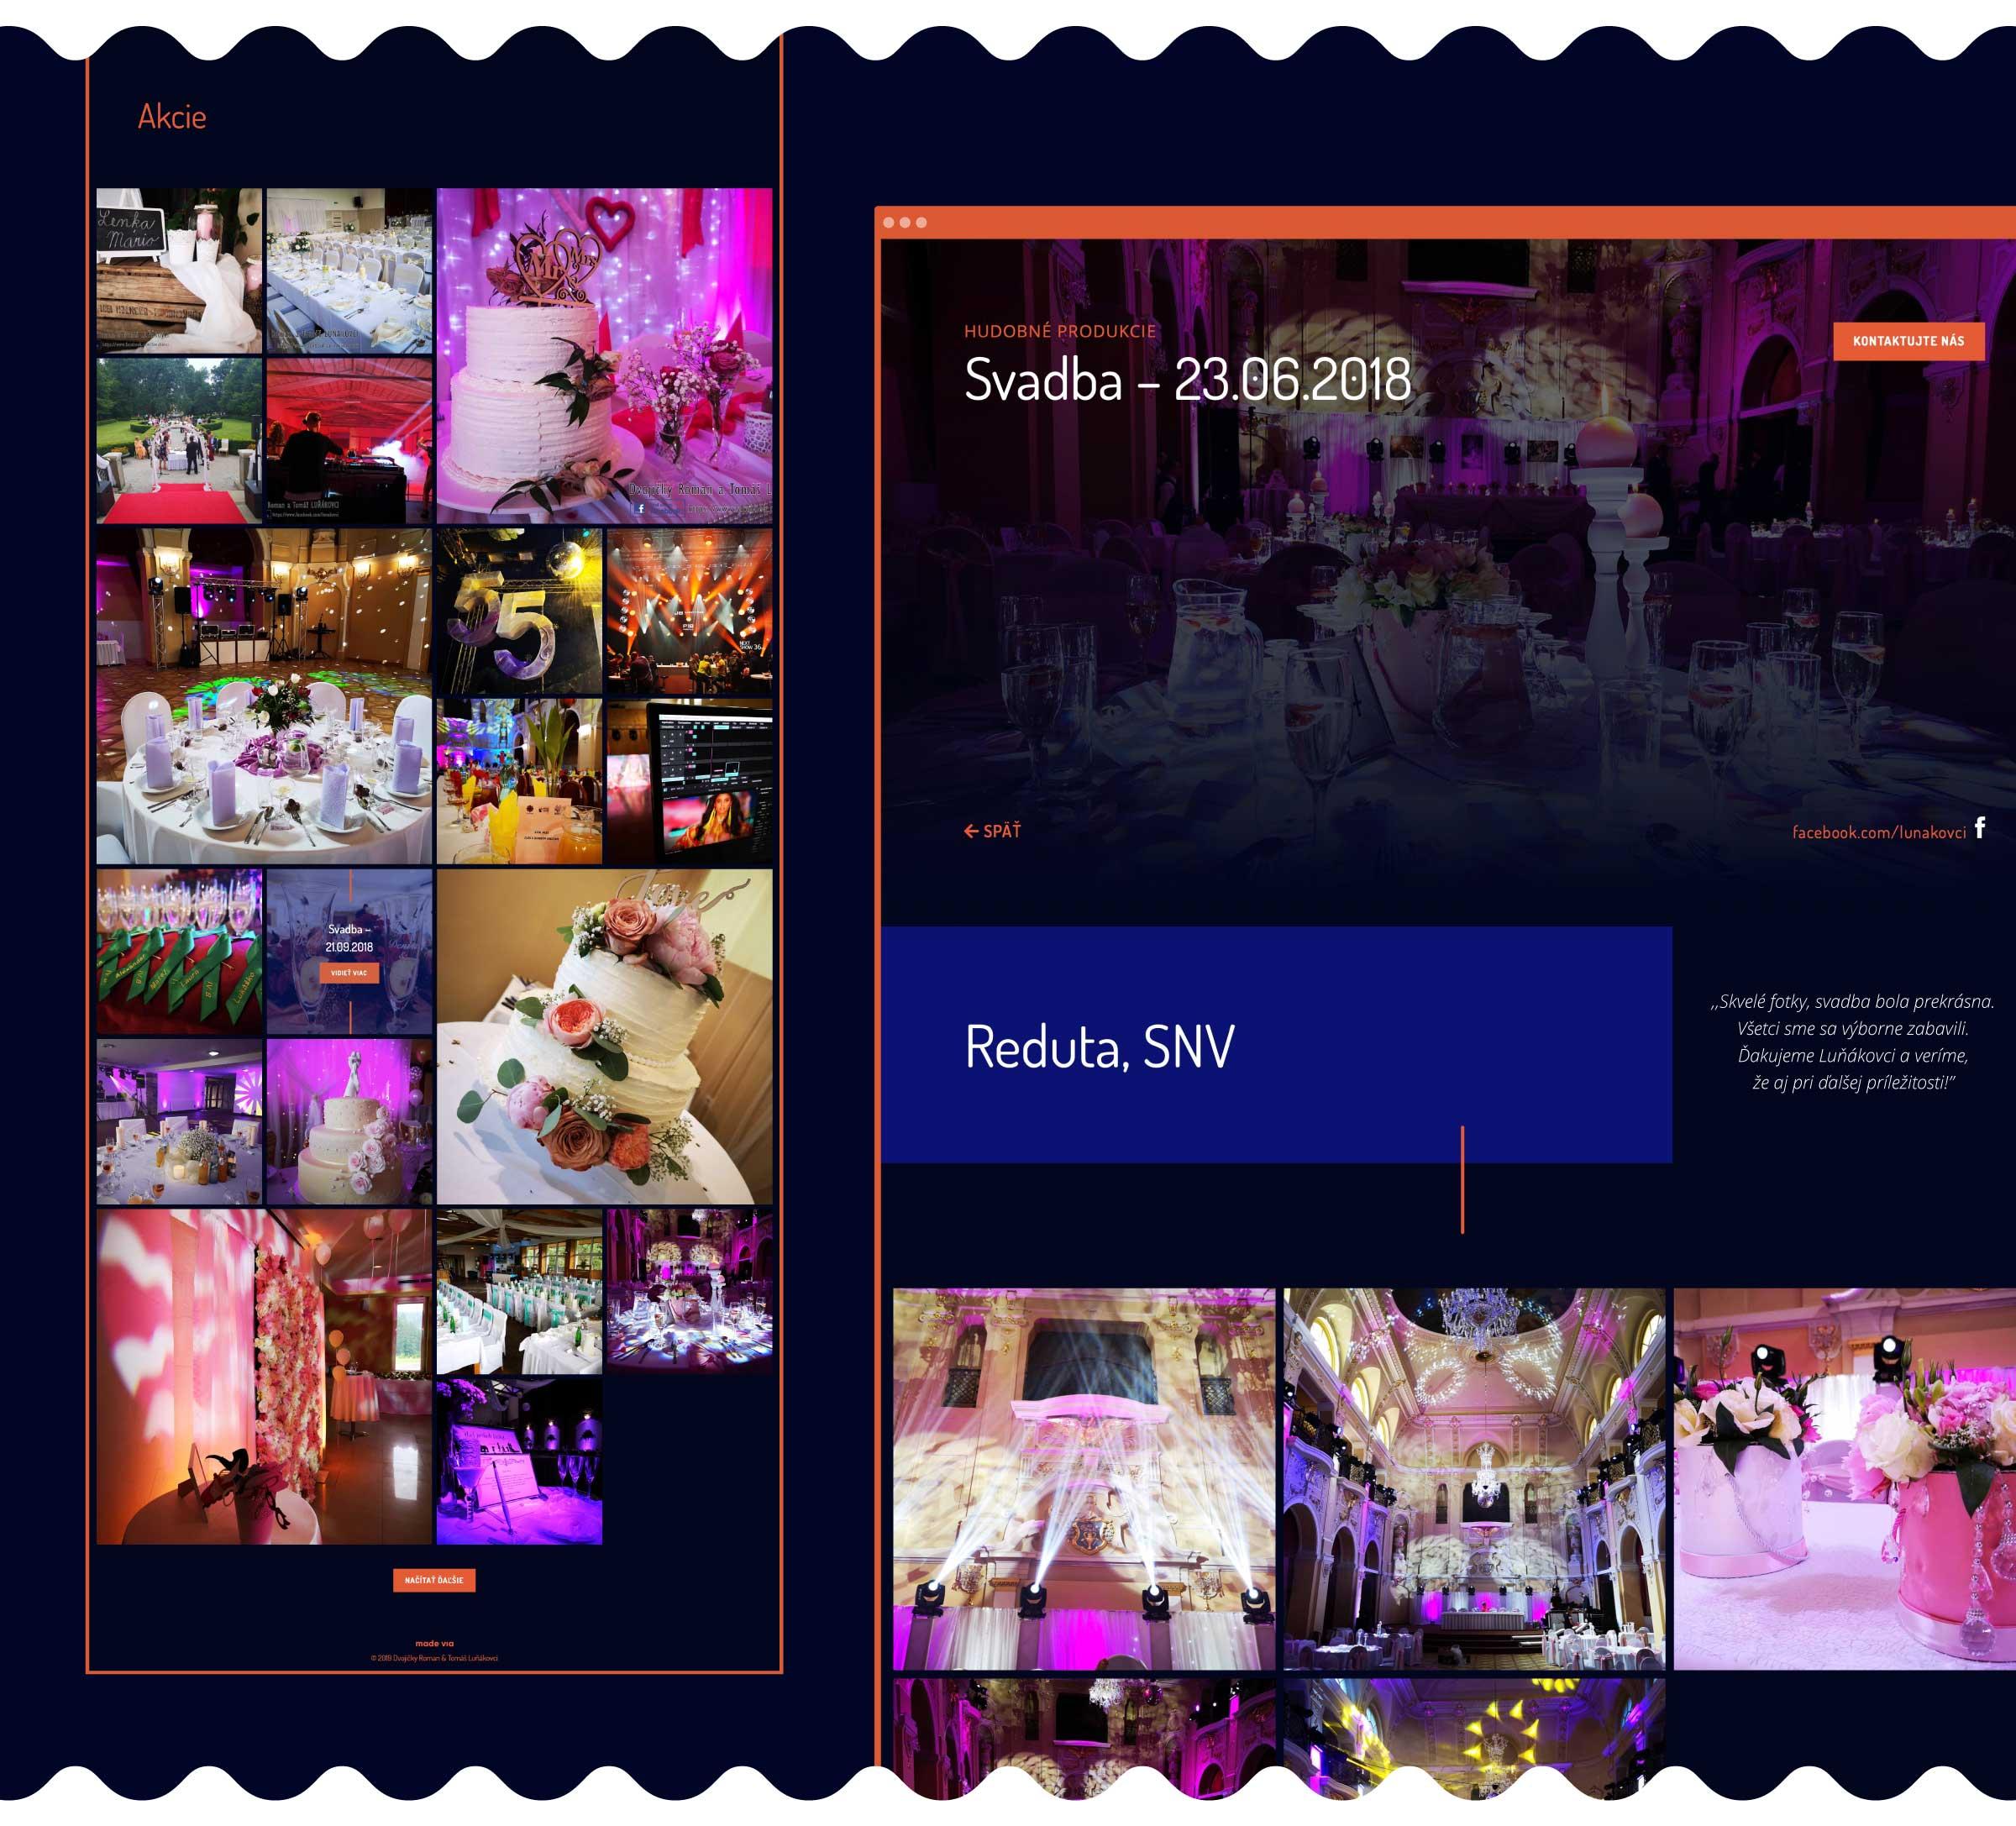 jednoduchá microsite, webdesign, prezentačný web, Dvojičky Roman & Tomáš Luňákovci, Via Creativity, viacreativity.sk